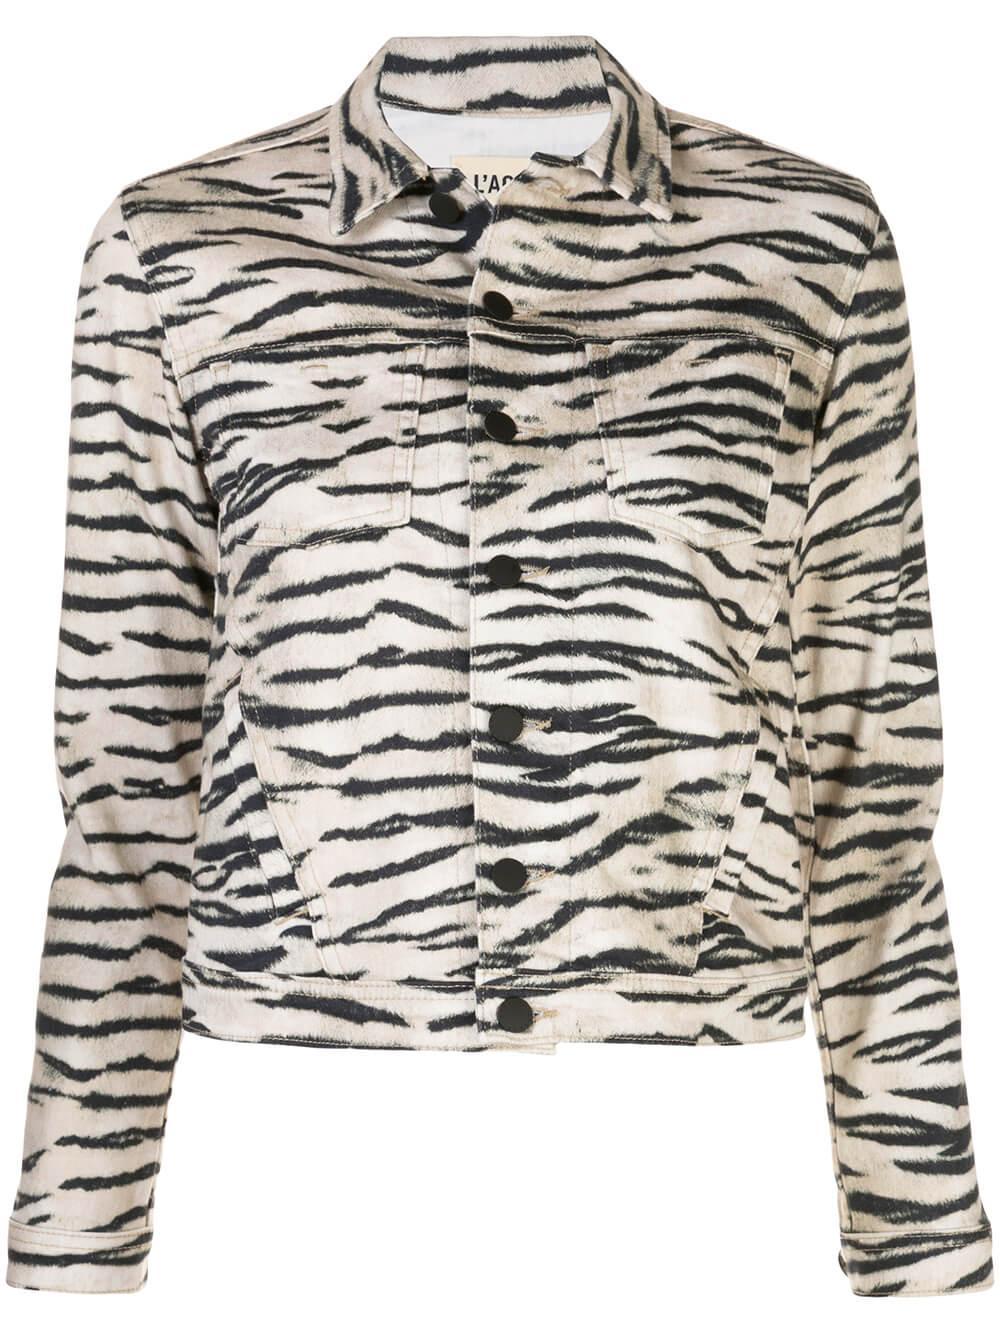 Celine Zebra Print Slim Jacket Item # 1321WCK